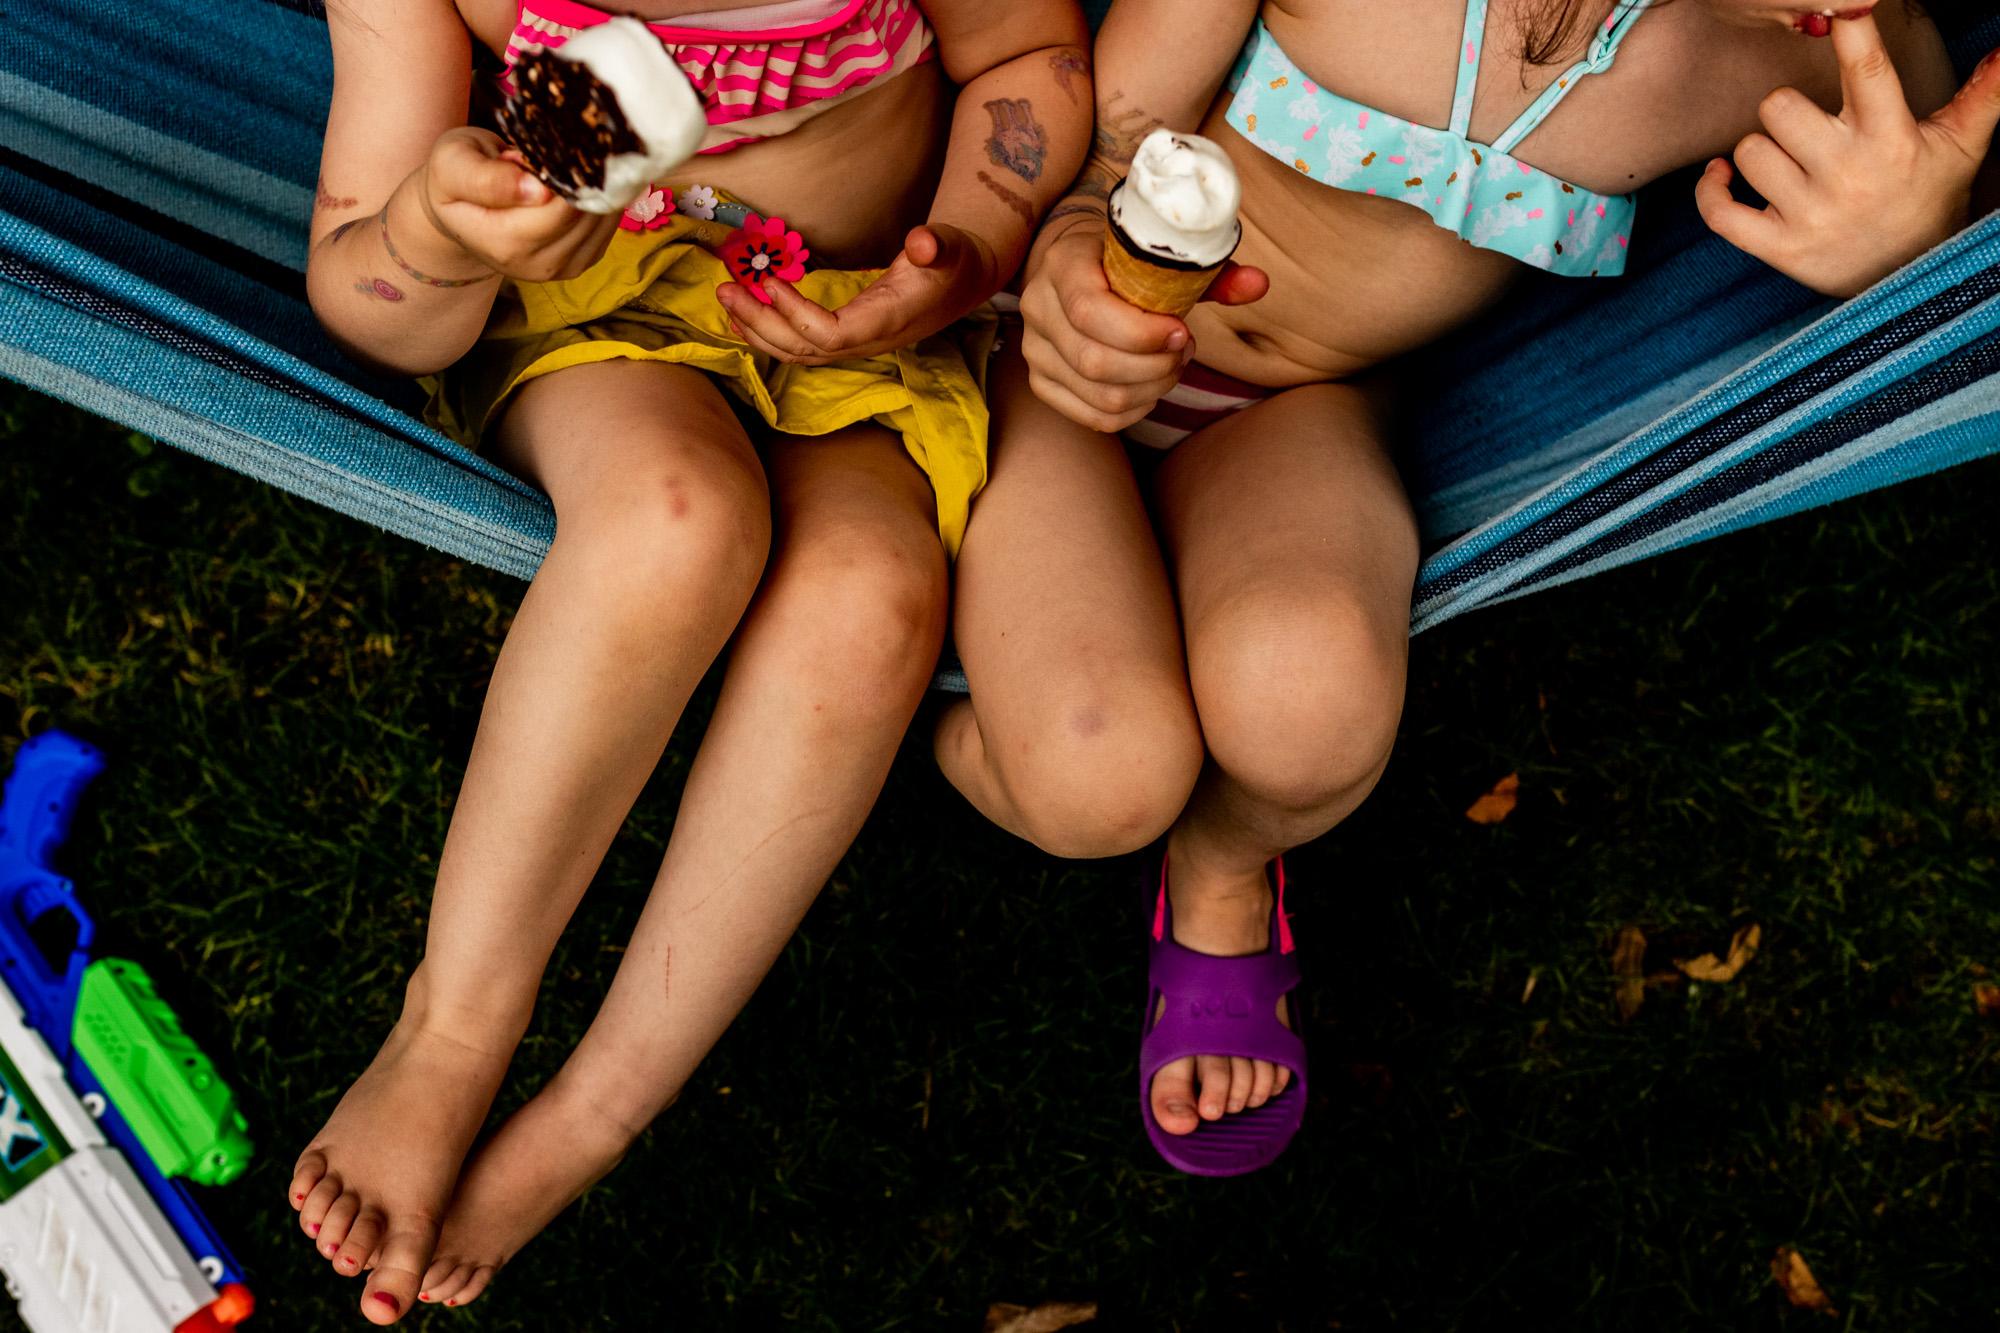 Zwei Mädchen sitzen in einer Hängematte und essen Eis.